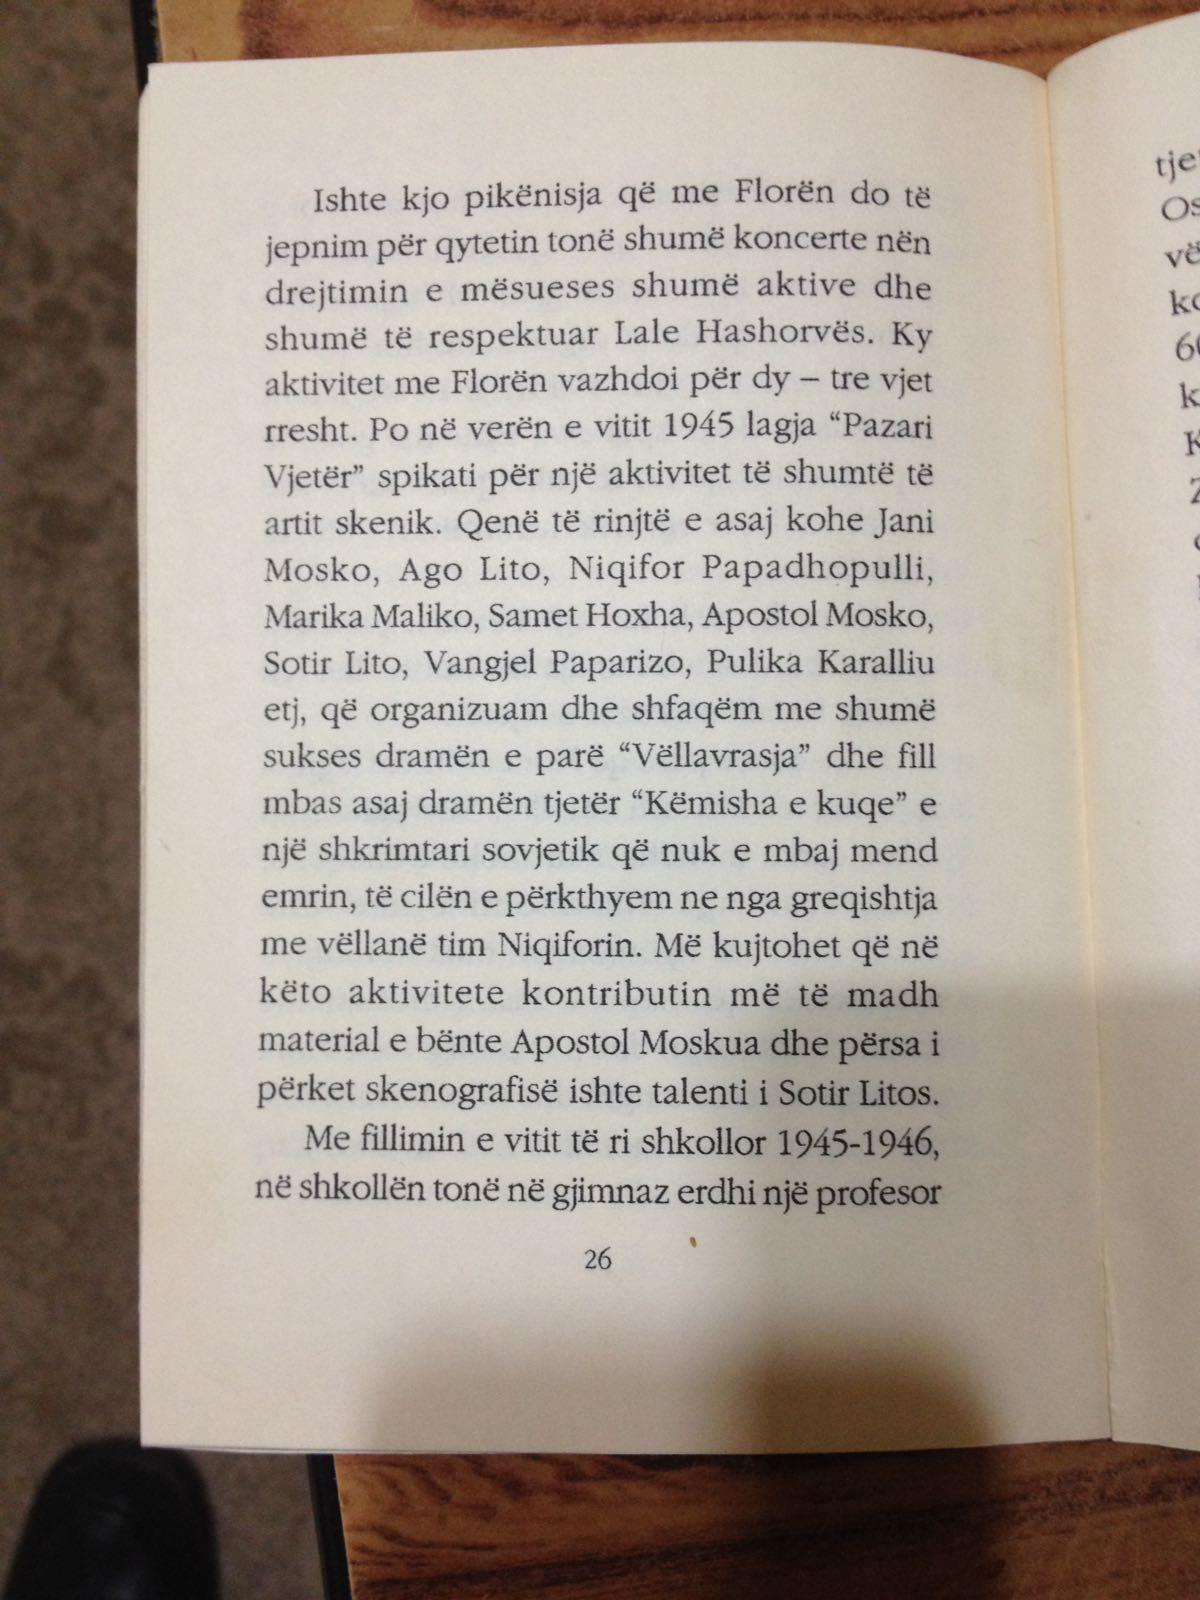 """Mësoni si u Festua Viti i Ri – 1945 në Gjirokastër dhe çfarë Ndodhi në Lagjen """" Pazar i Vjetër"""""""